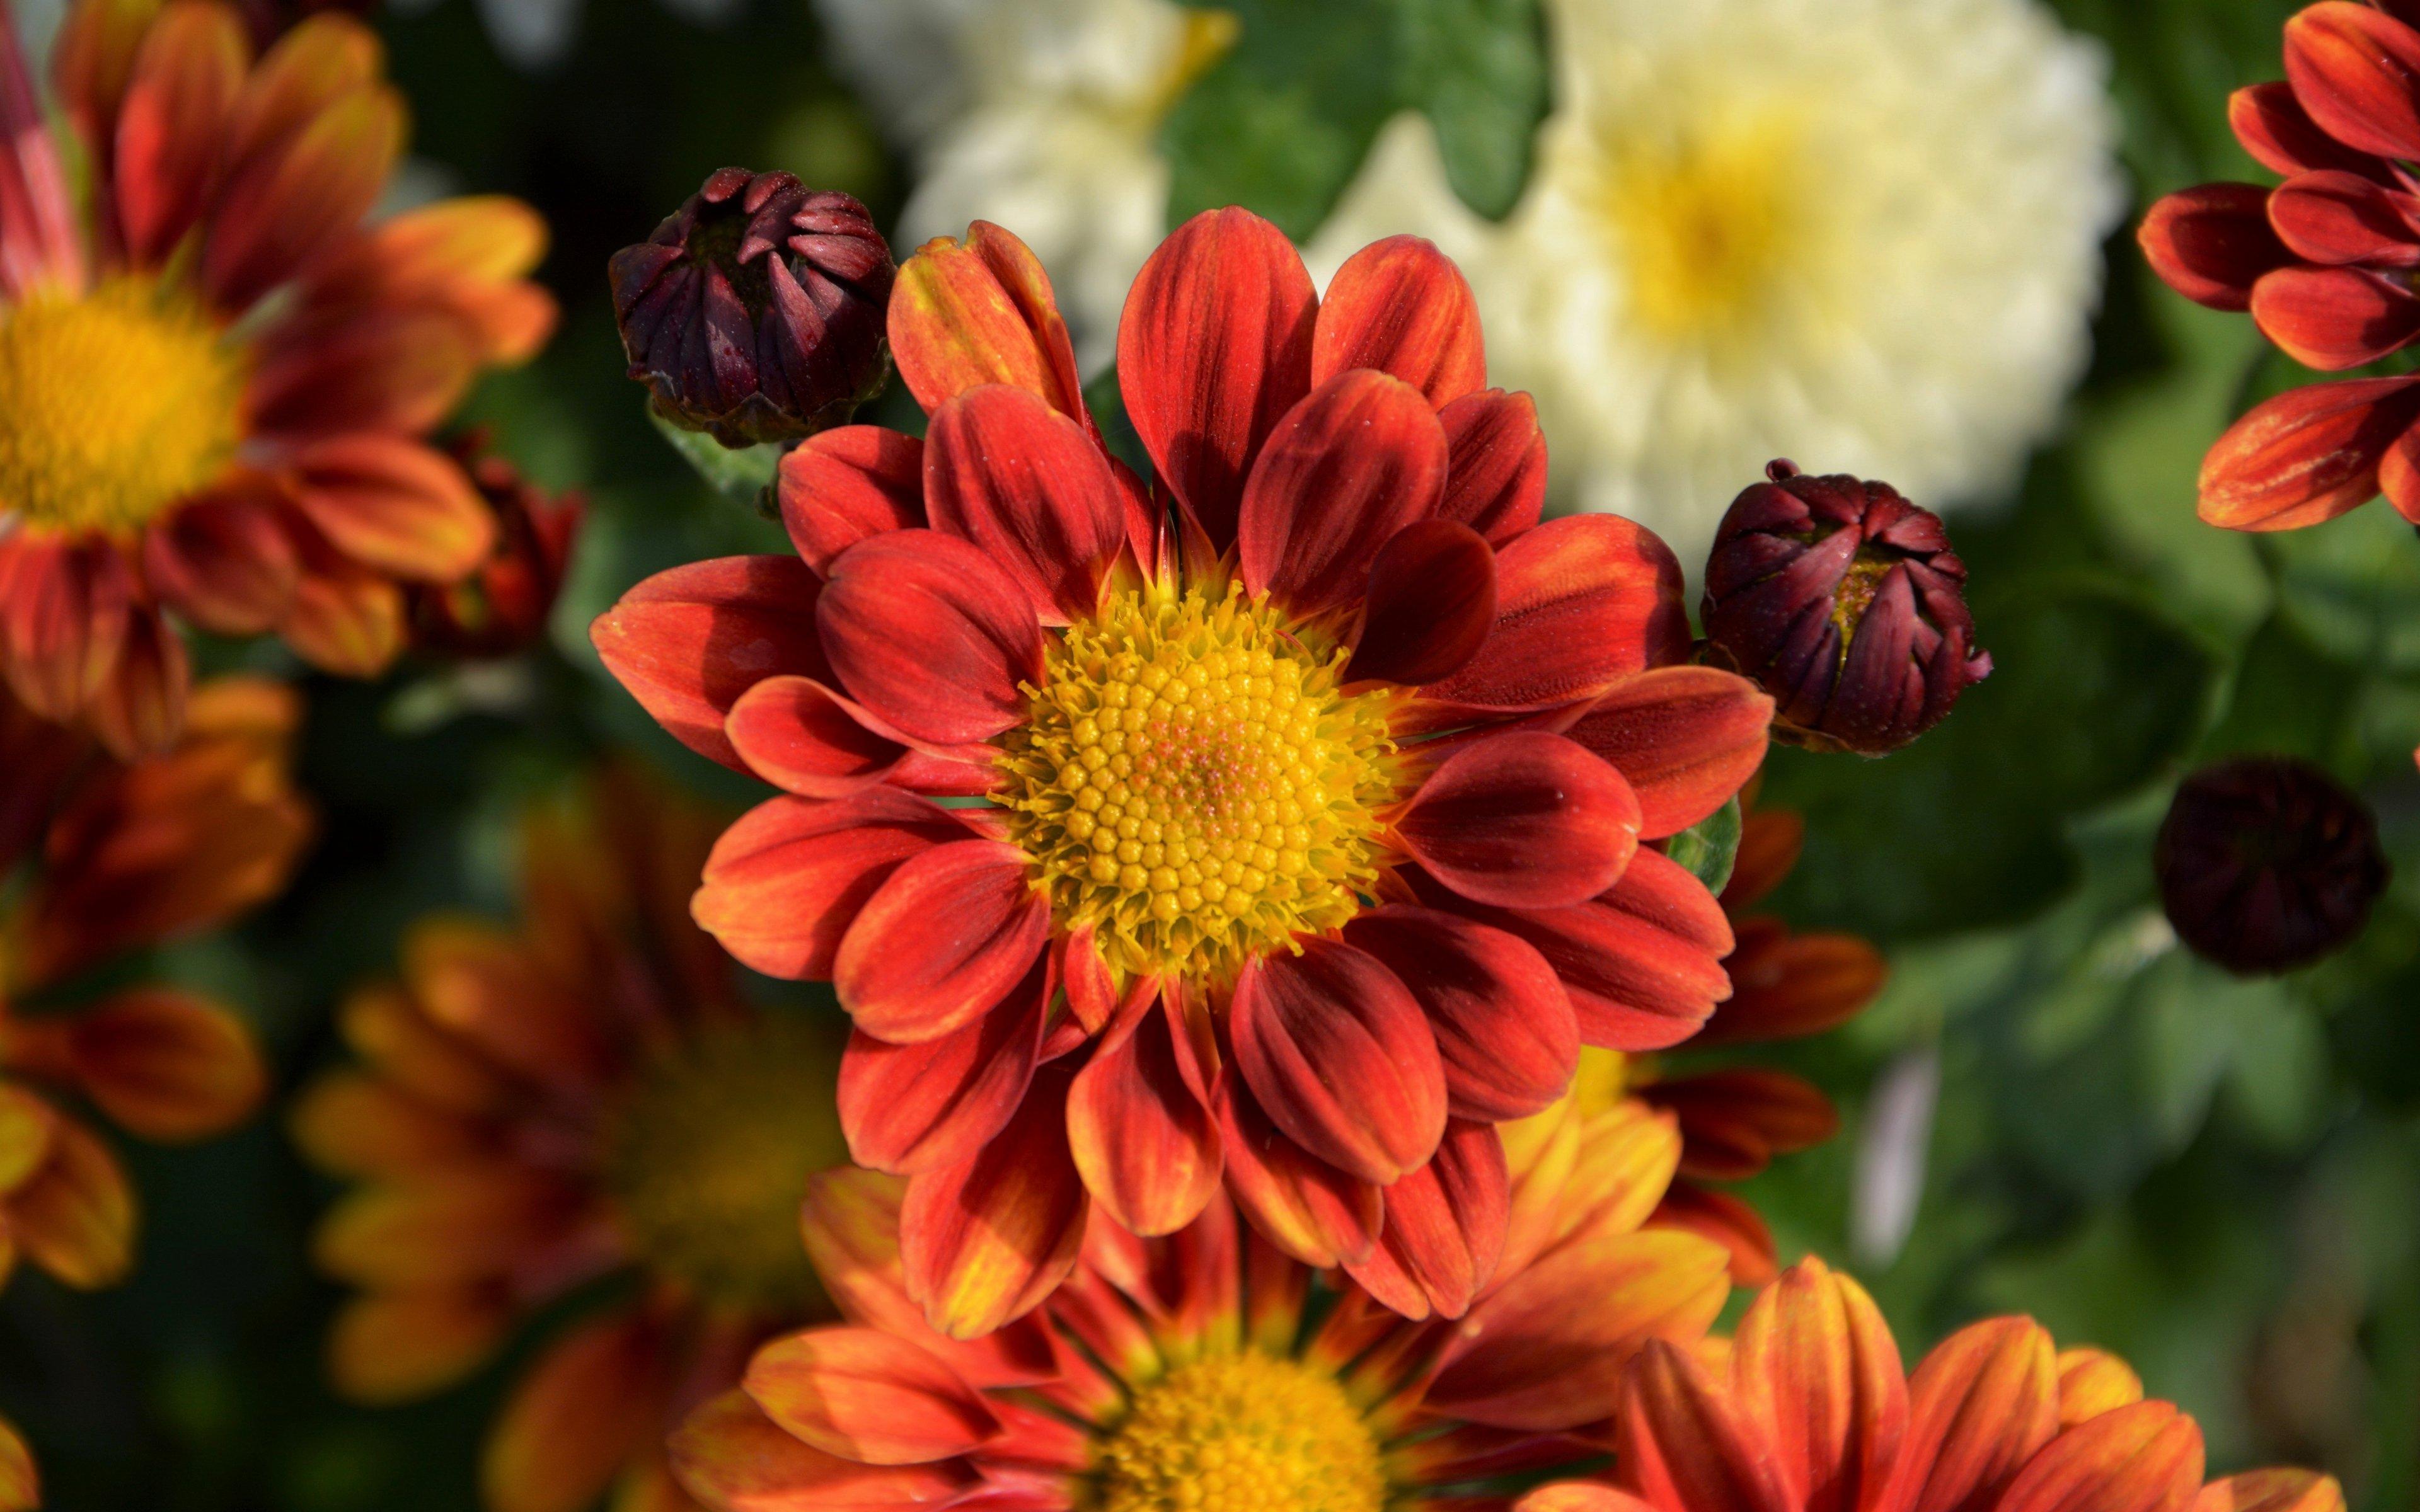 Fondos de pantalla Flores Crisantemos